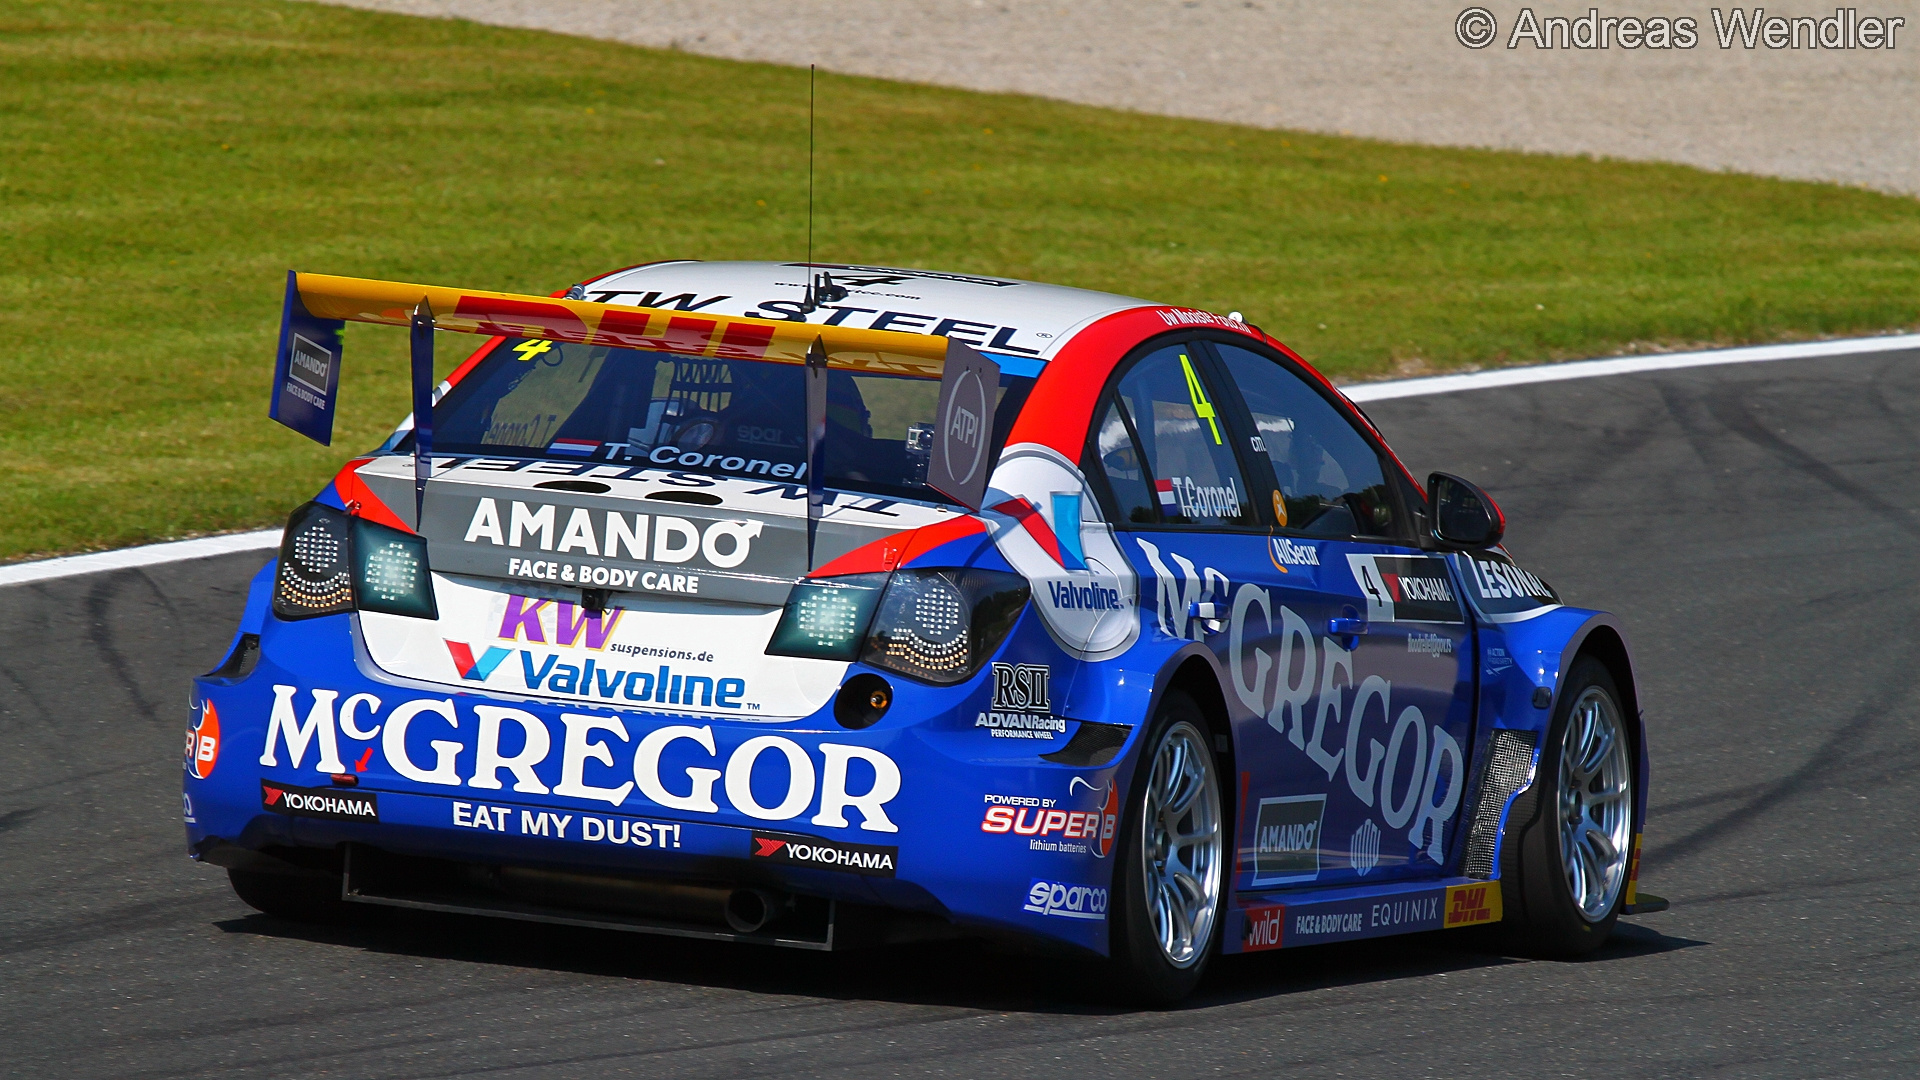 Tom Coronel - Chevrolet RML Cruze TC1